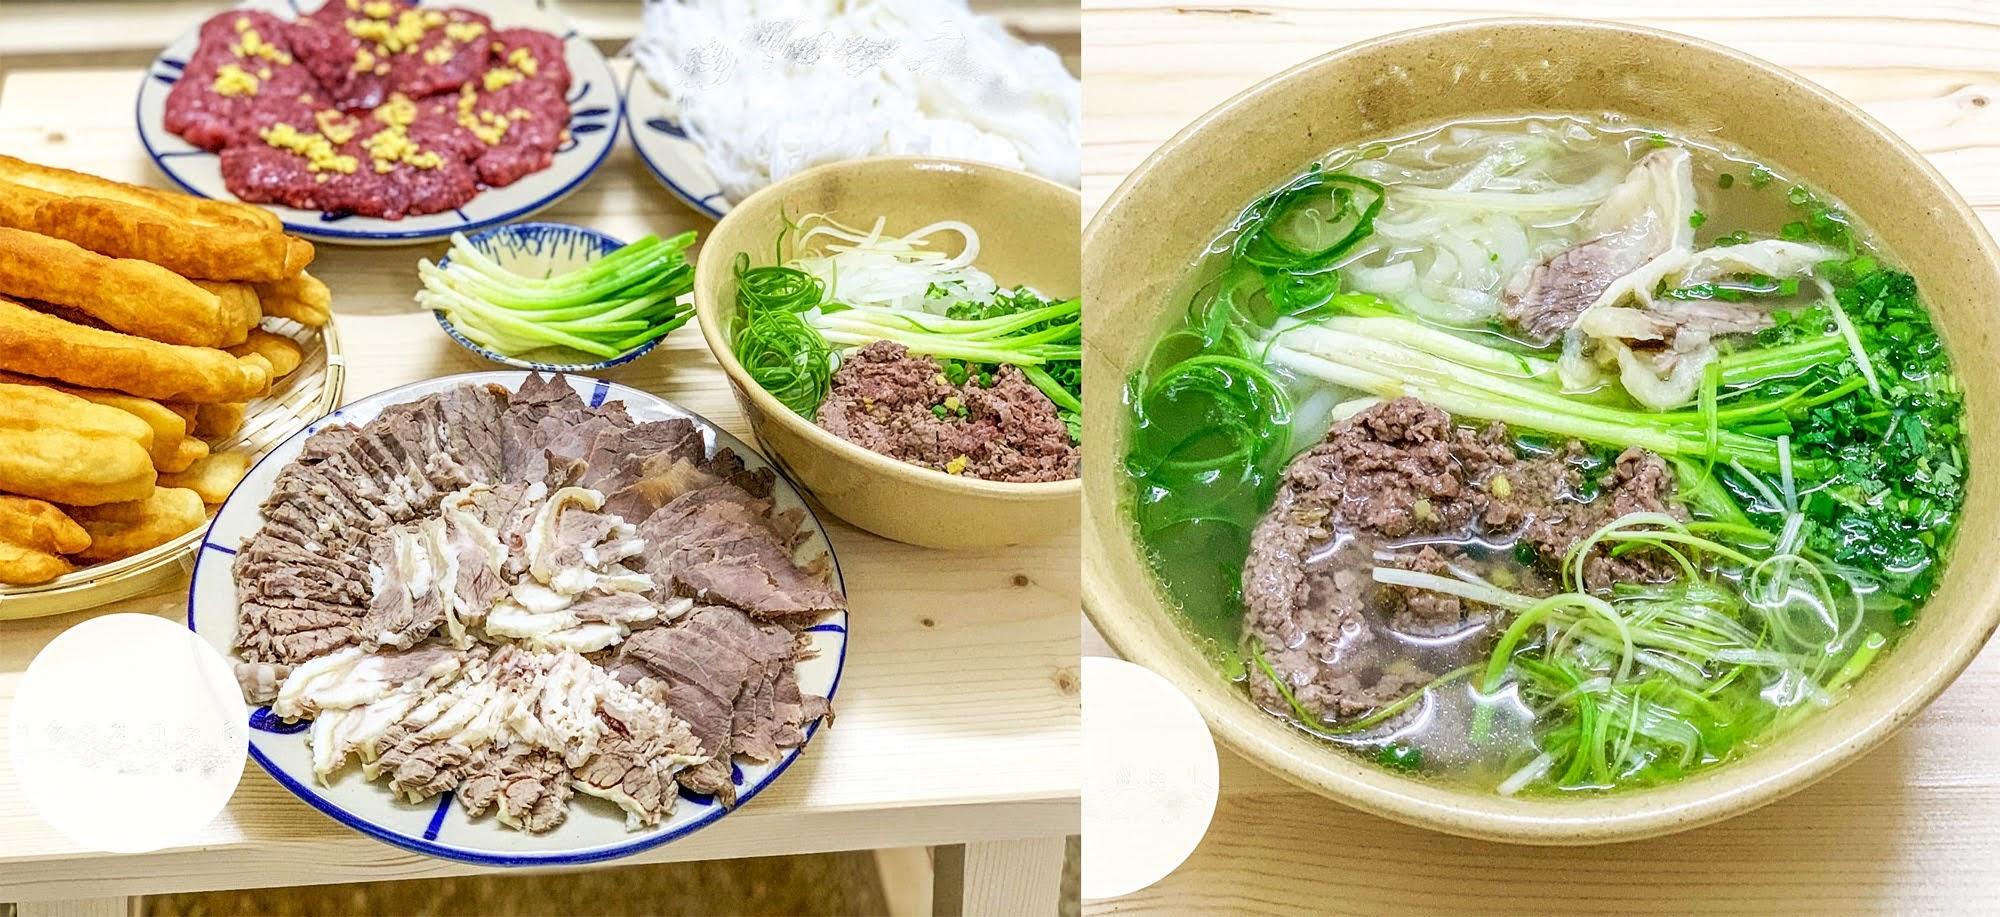 Công thức nấu phở bò ngon, nước trong vị đậm đà